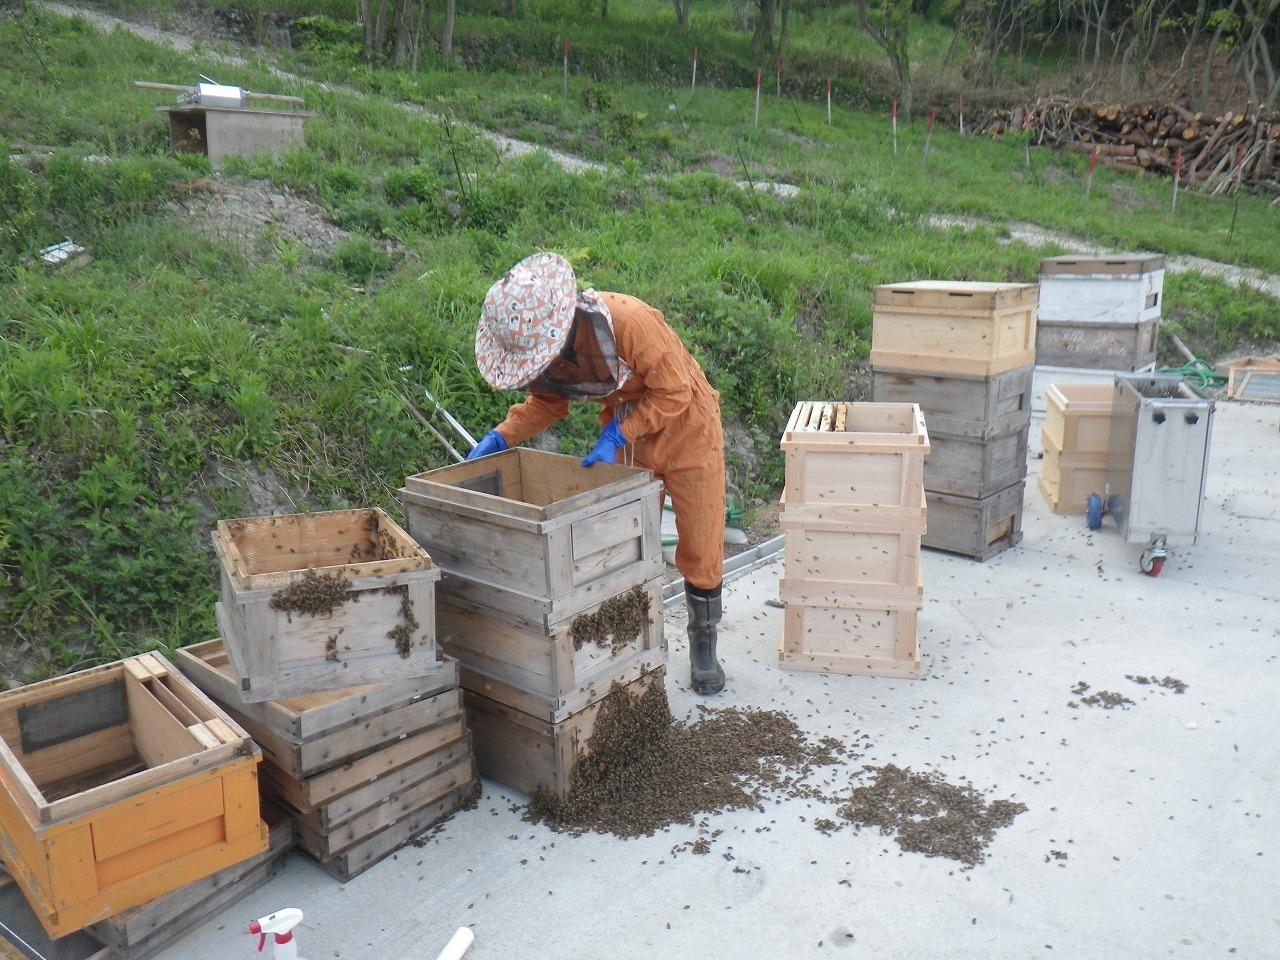 ふるった蜂の集団